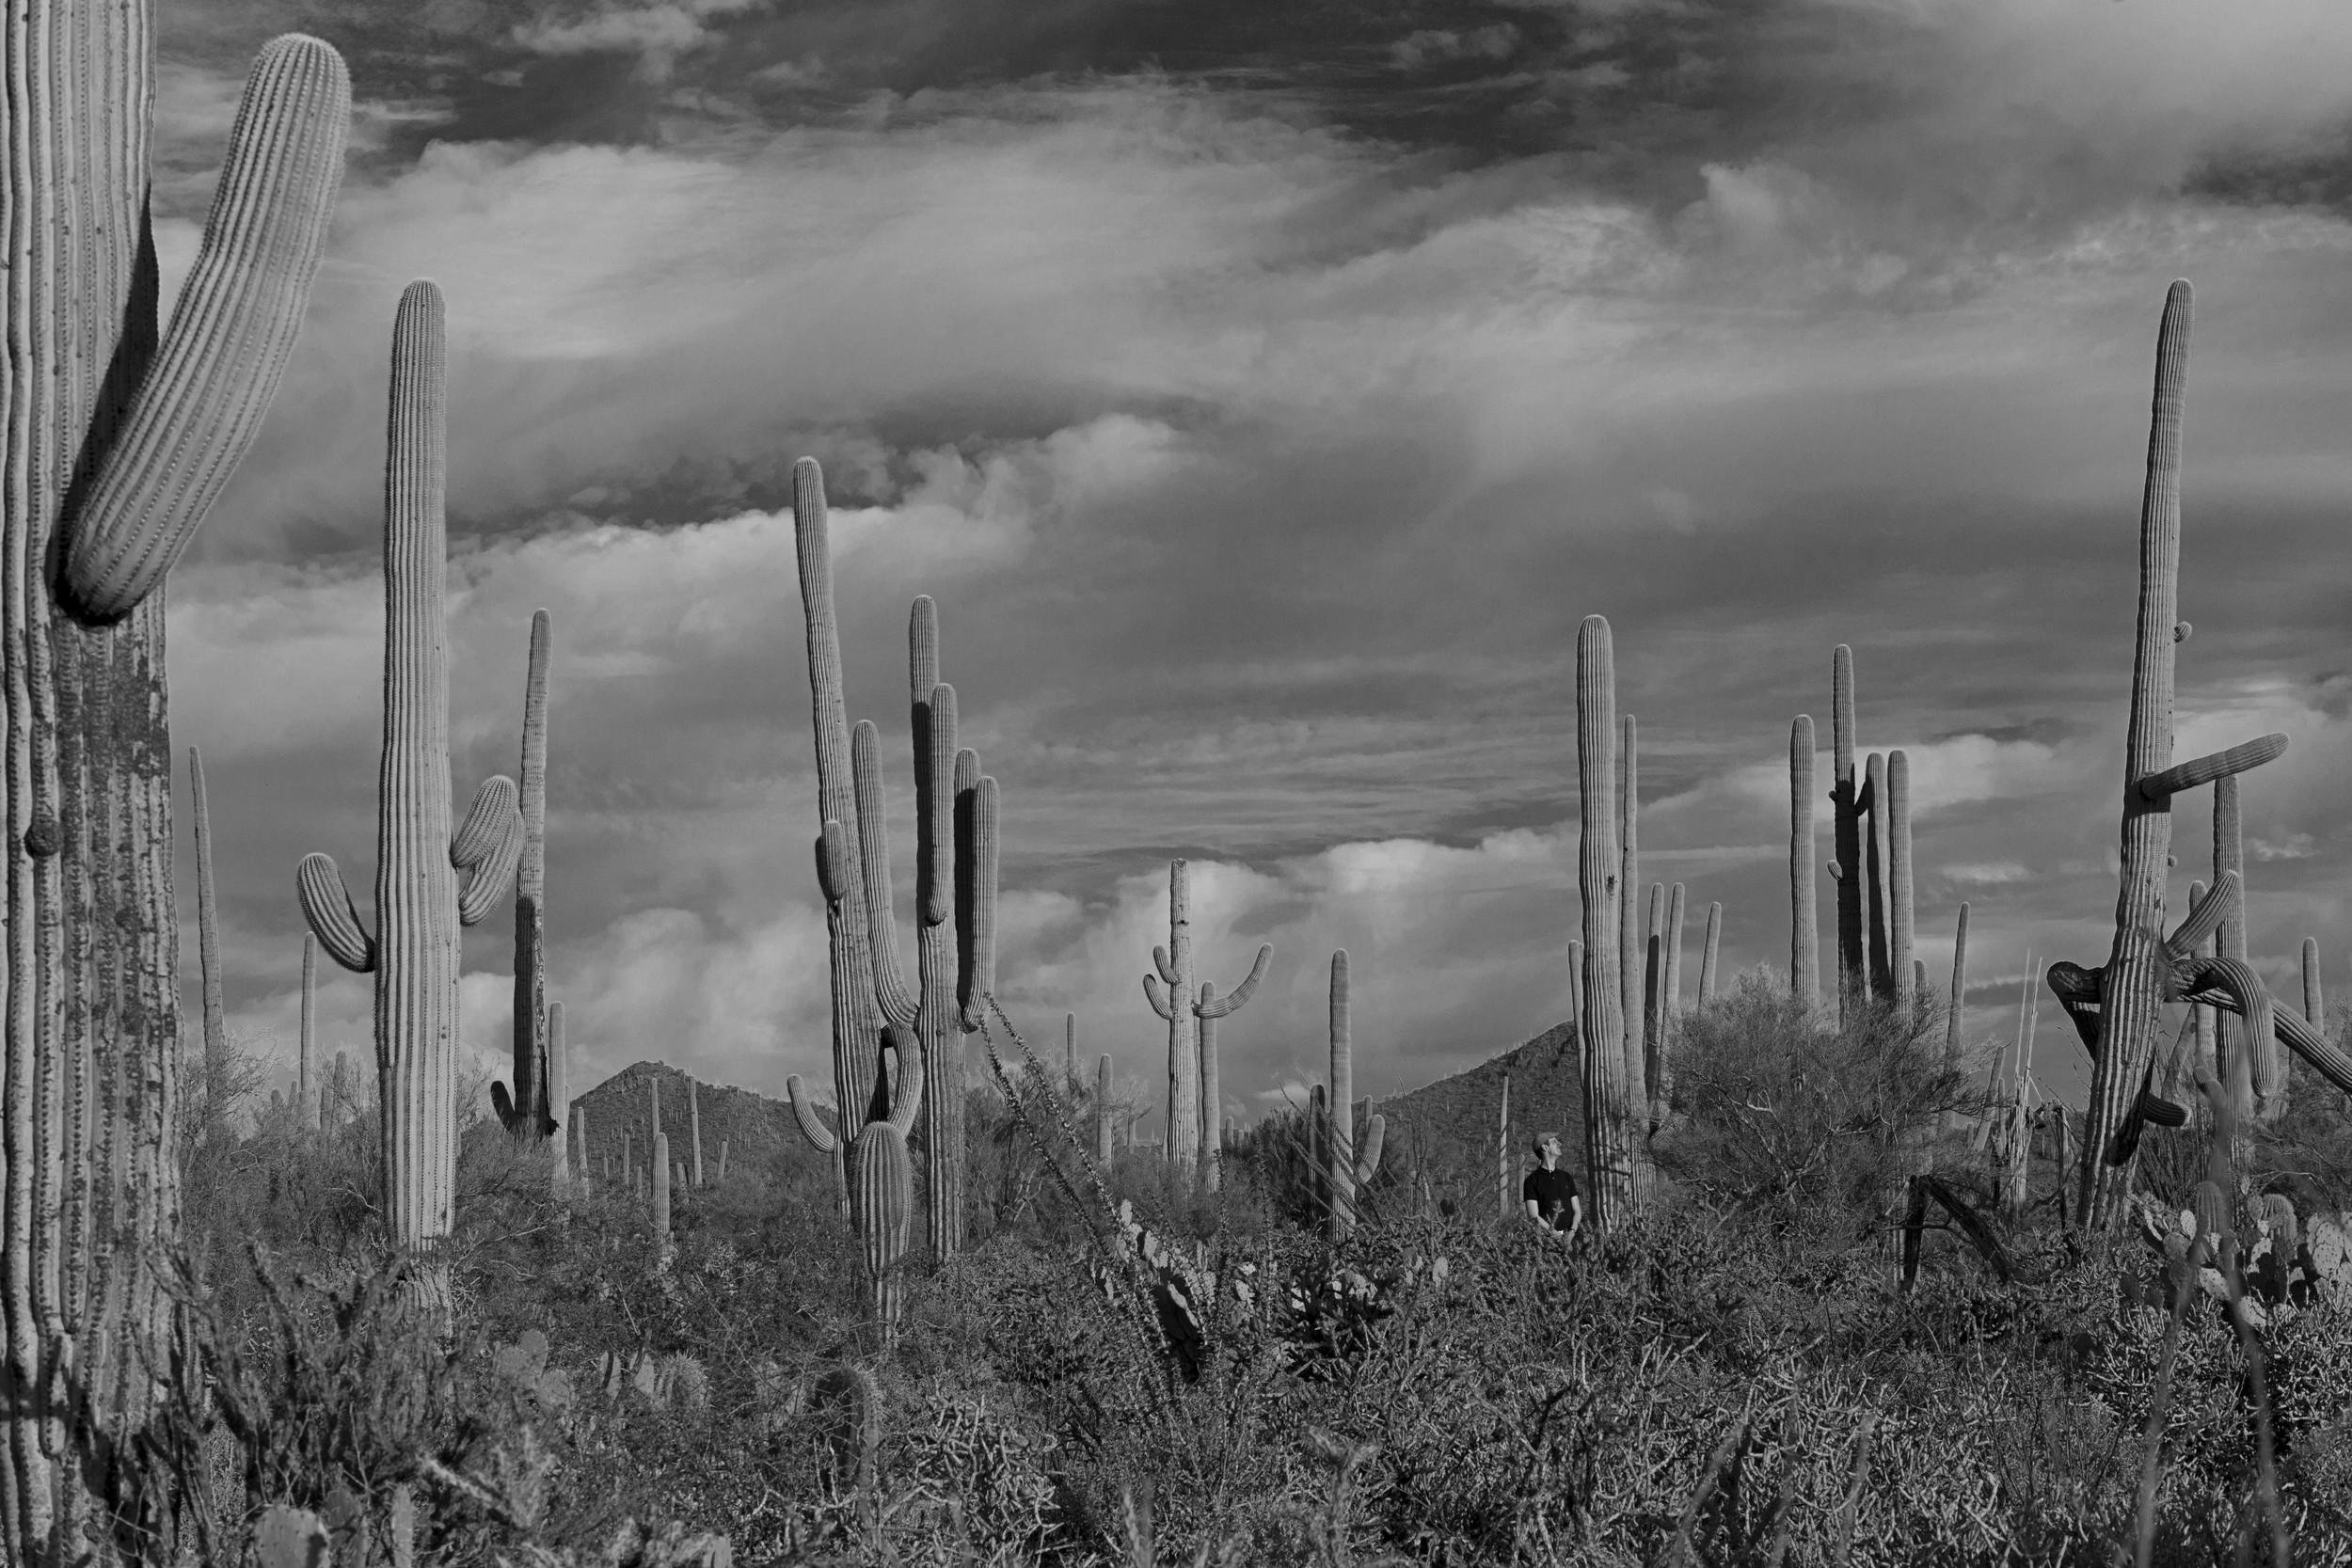 Saguaro National Park, AZ, USA